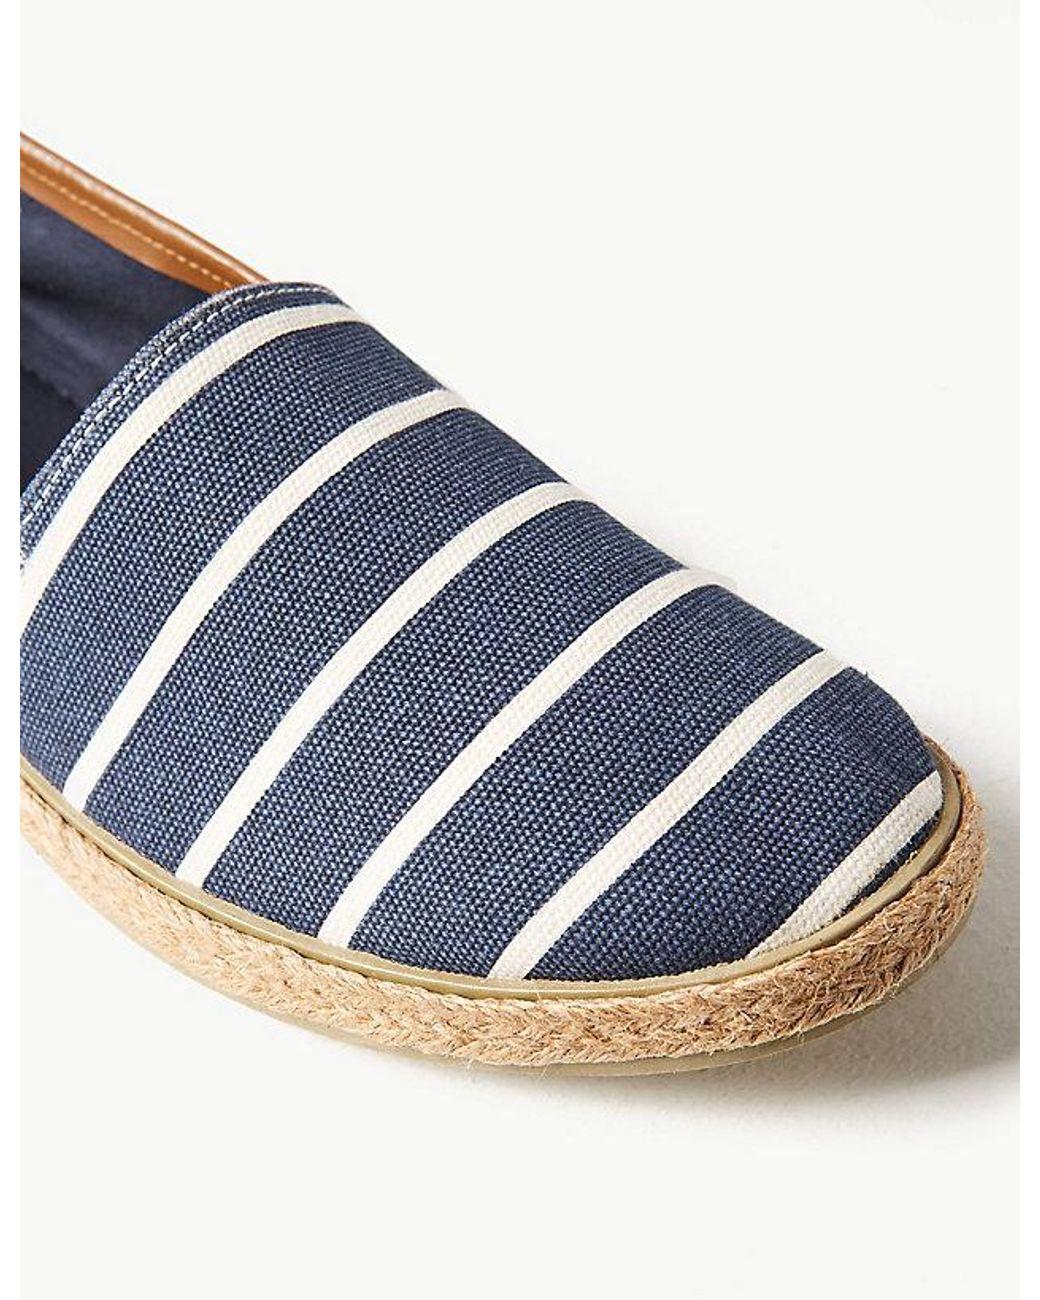 c68b26768 Marks & Spencer Cotton Slip-on Espadrilles in Blue for Men - Lyst